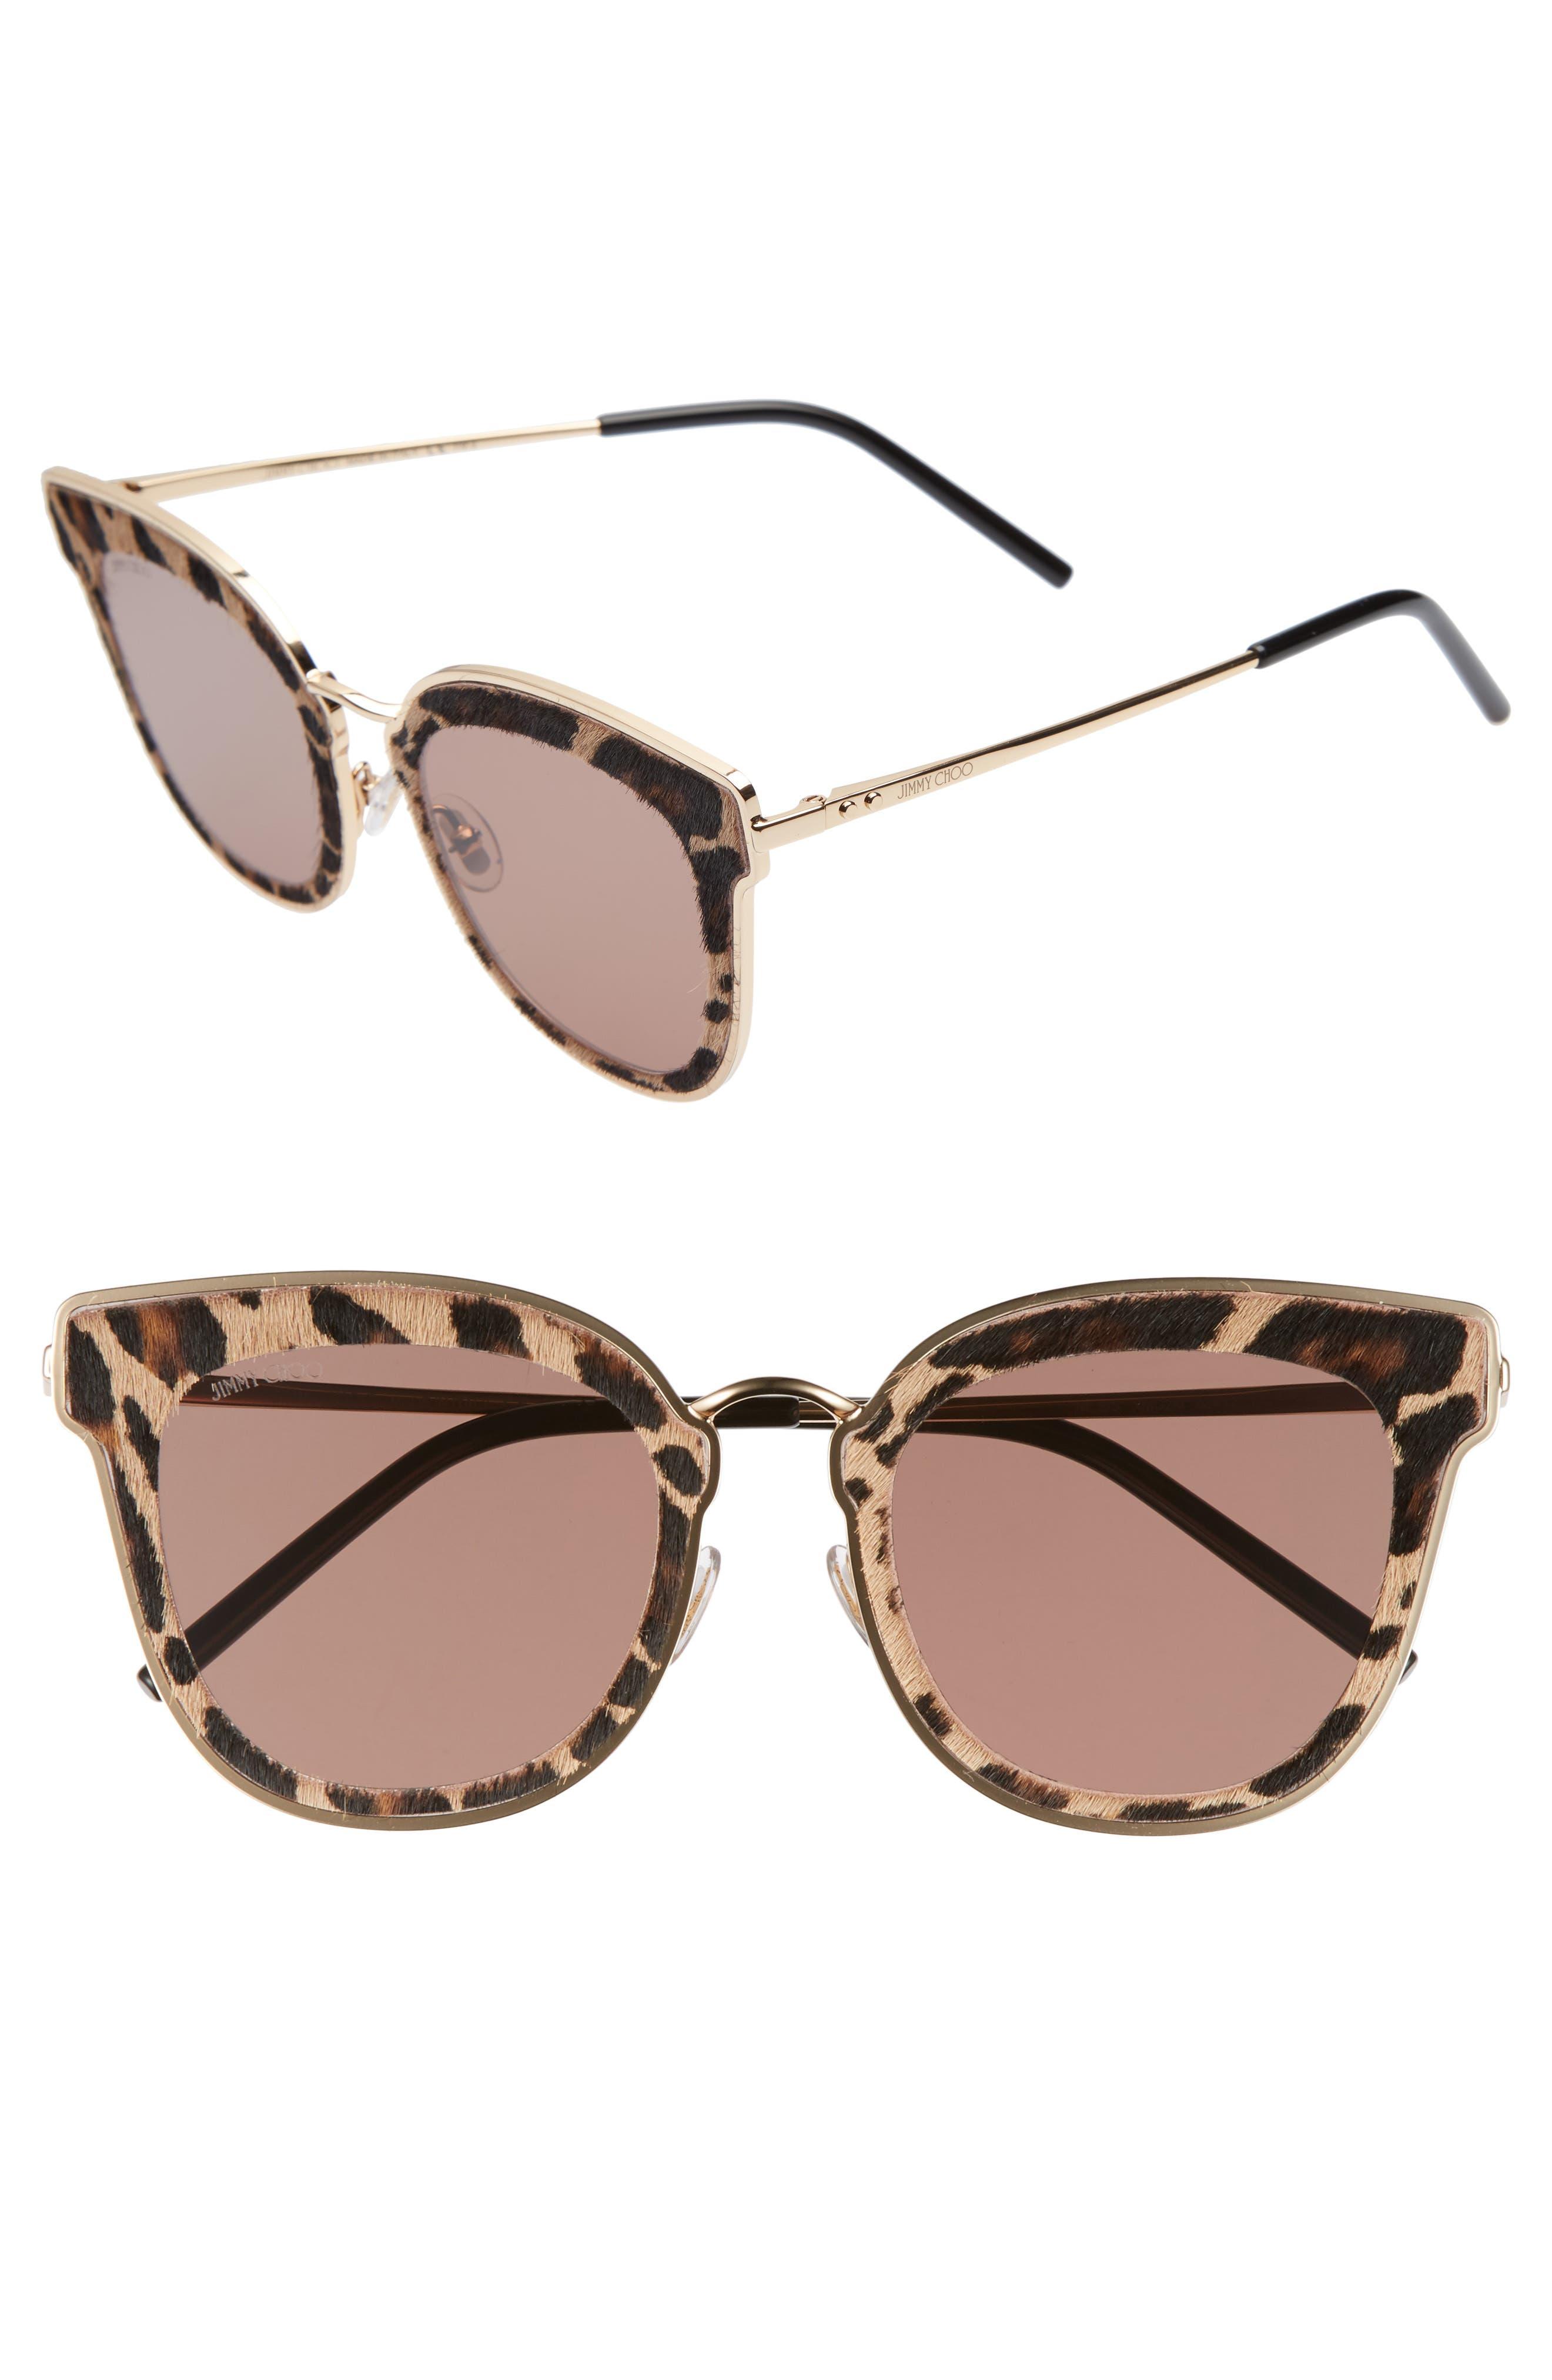 2ebe7bf84b4978 Jimmy Choo Sunglasses for Women